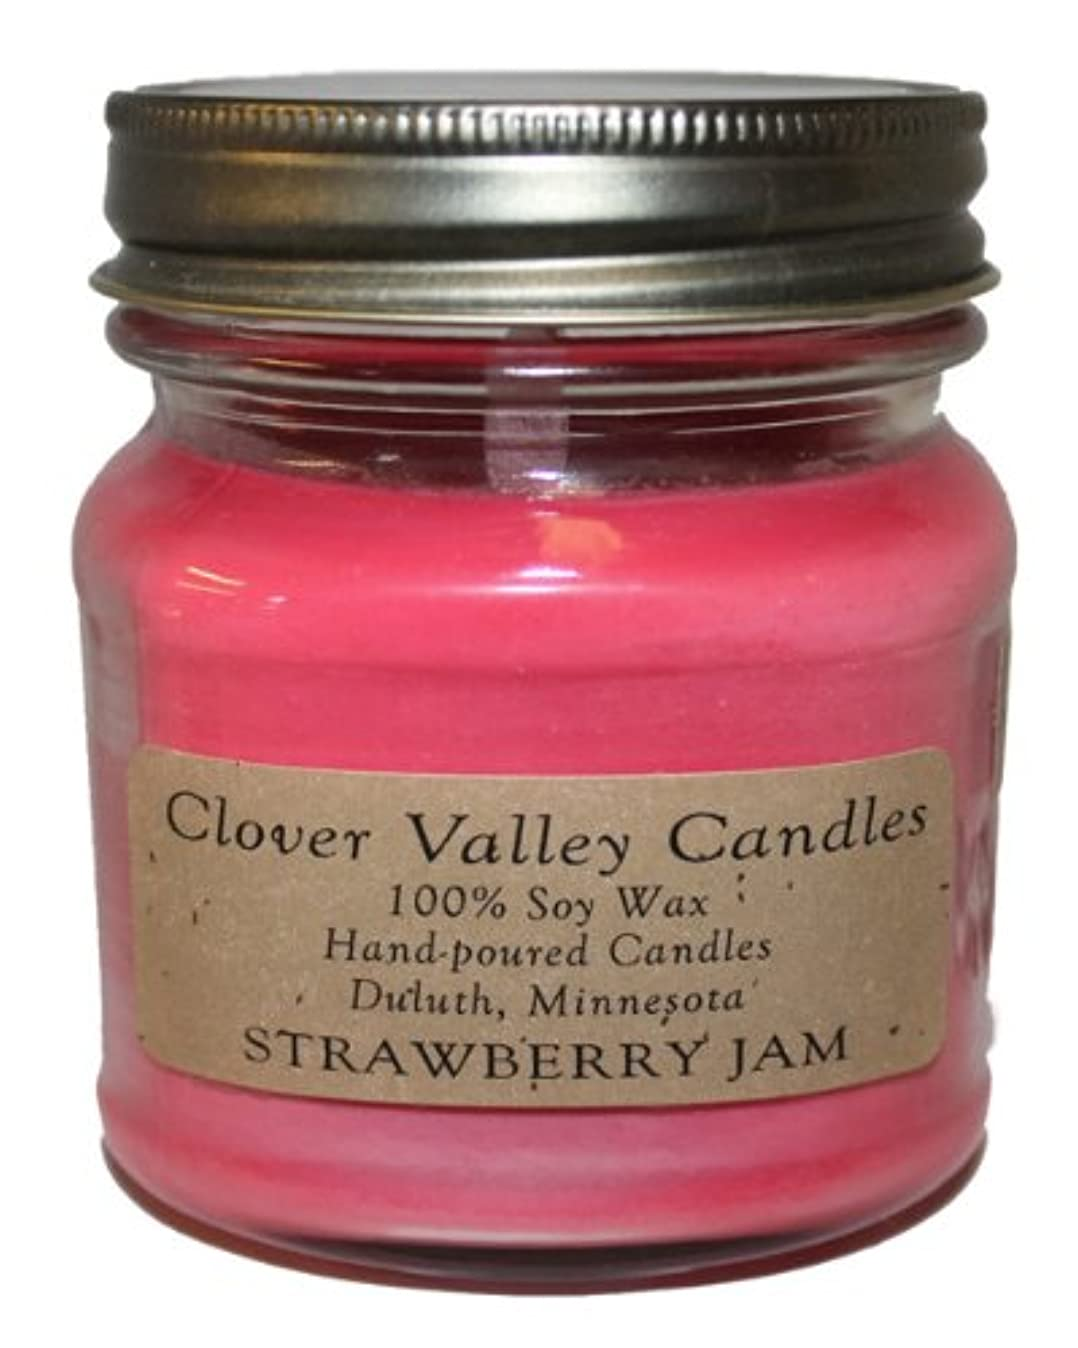 おじさんバクテリア海岸Strawberry Jam Half Pint Scented Candle byクローバーValleyキャンドル